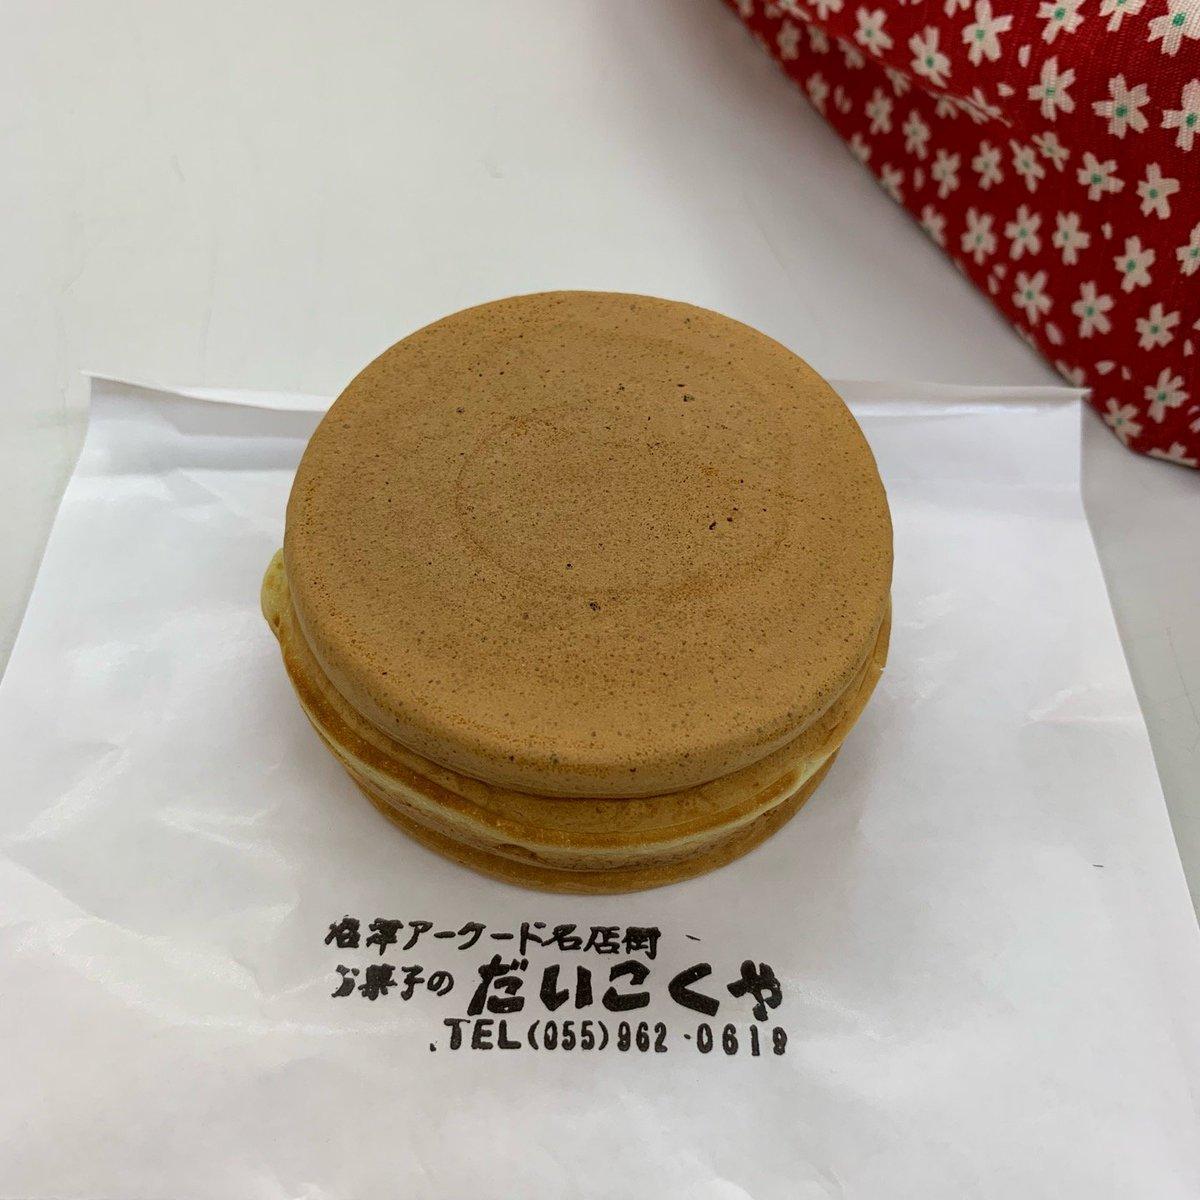 だいこくや 今川焼(1個90円)